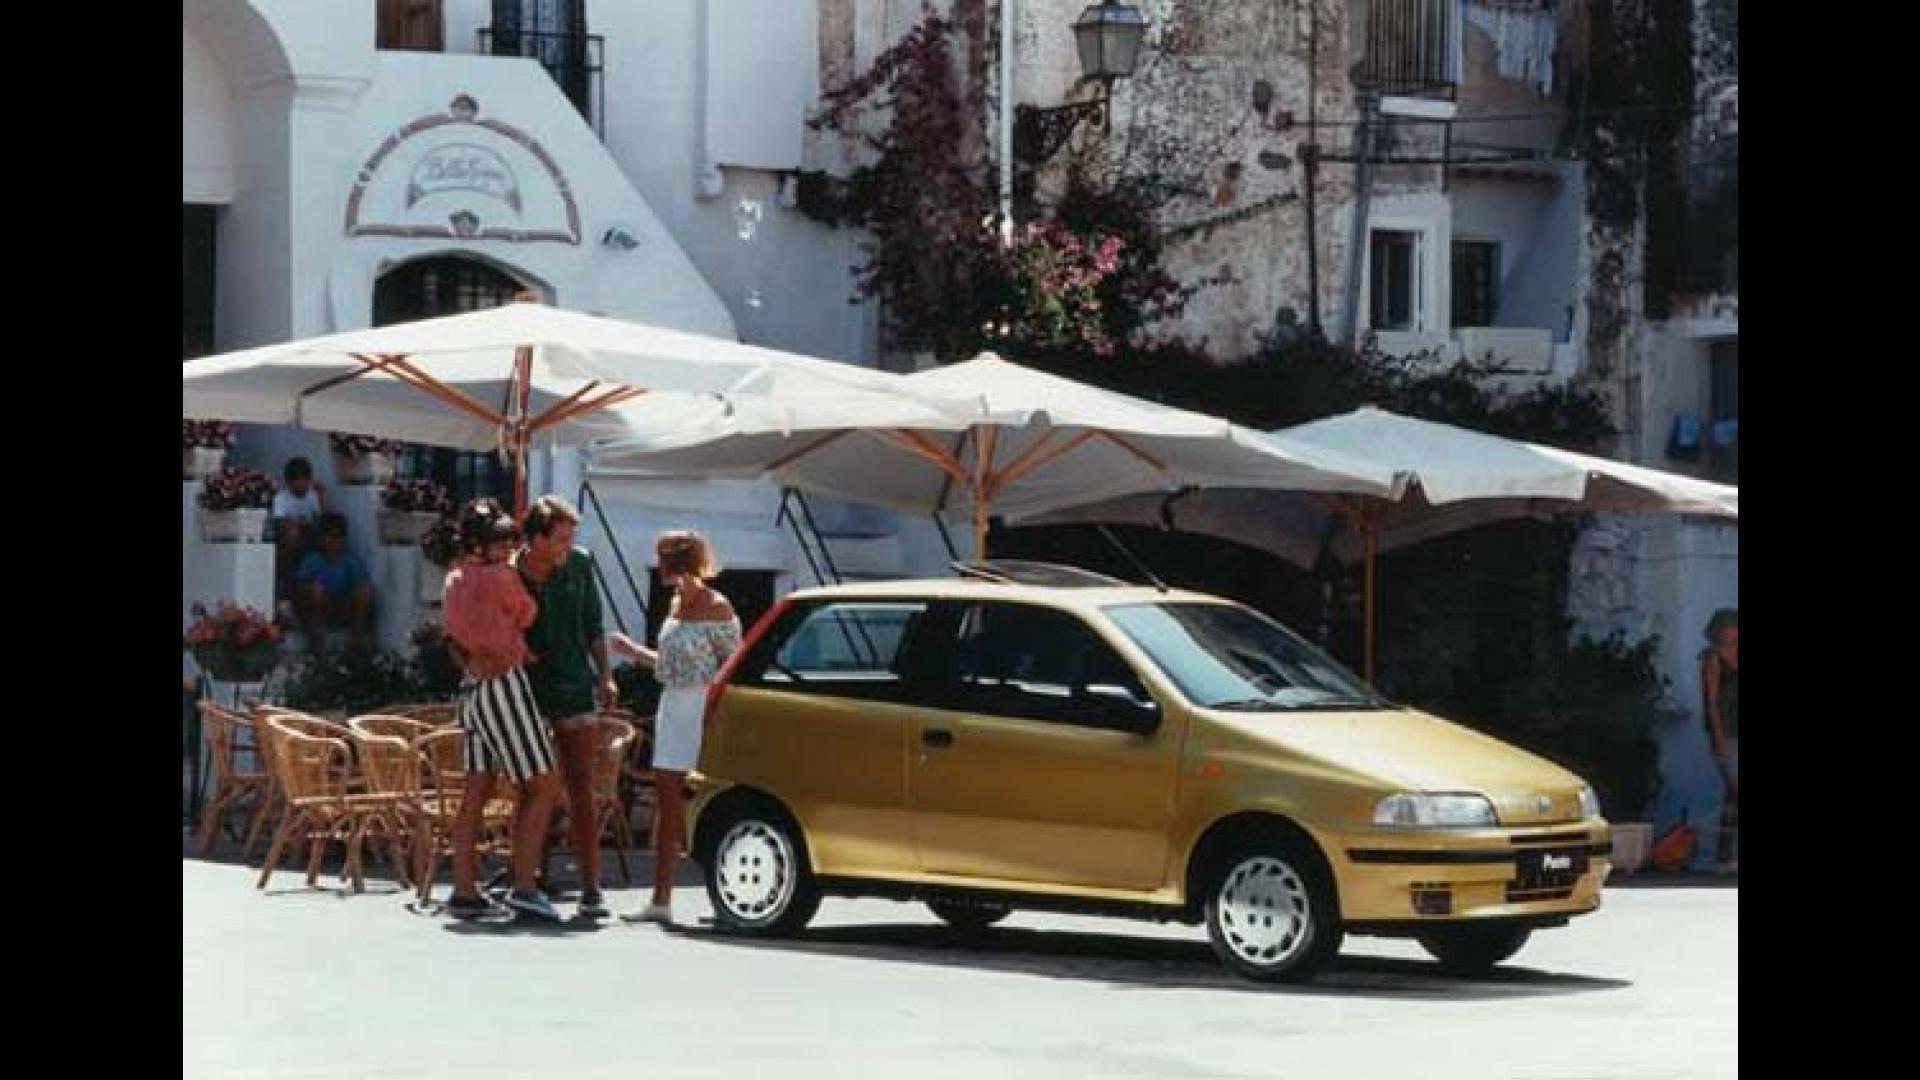 Fiat Punto Prima Serie (1993-1999) on fiat stilo, fiat ritmo, fiat 500 turbo, fiat marea, fiat seicento, fiat linea, fiat coupe, fiat barchetta, fiat multipla, fiat bravo, fiat 500l, fiat cars, fiat cinquecento, fiat 500 abarth, fiat panda, fiat doblo, fiat x1/9, fiat spider,